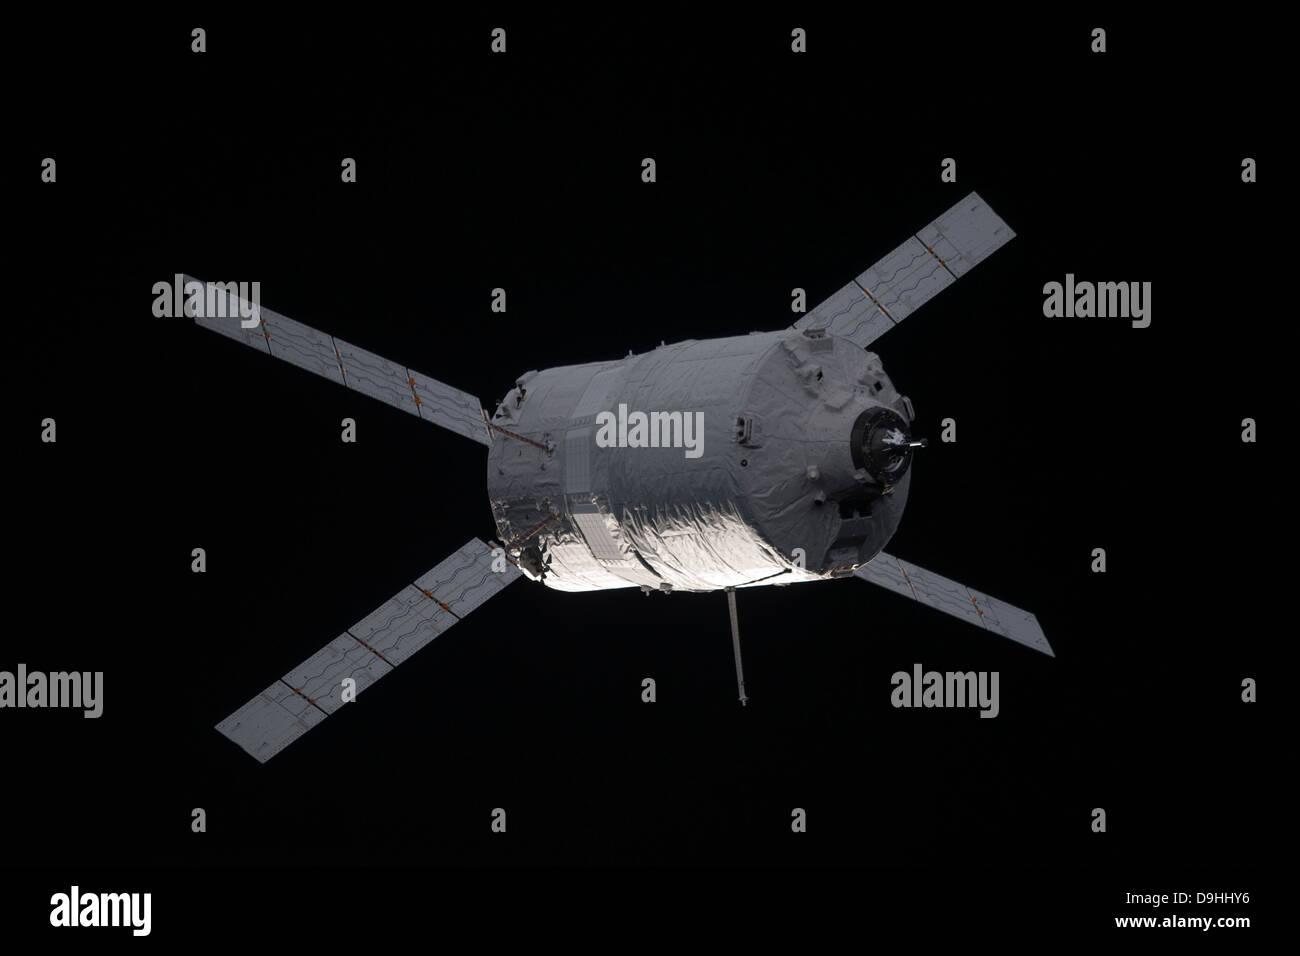 The Edoardo Amaldi Automated Transfer Vehicle-3 resupply spacecraft. - Stock Image